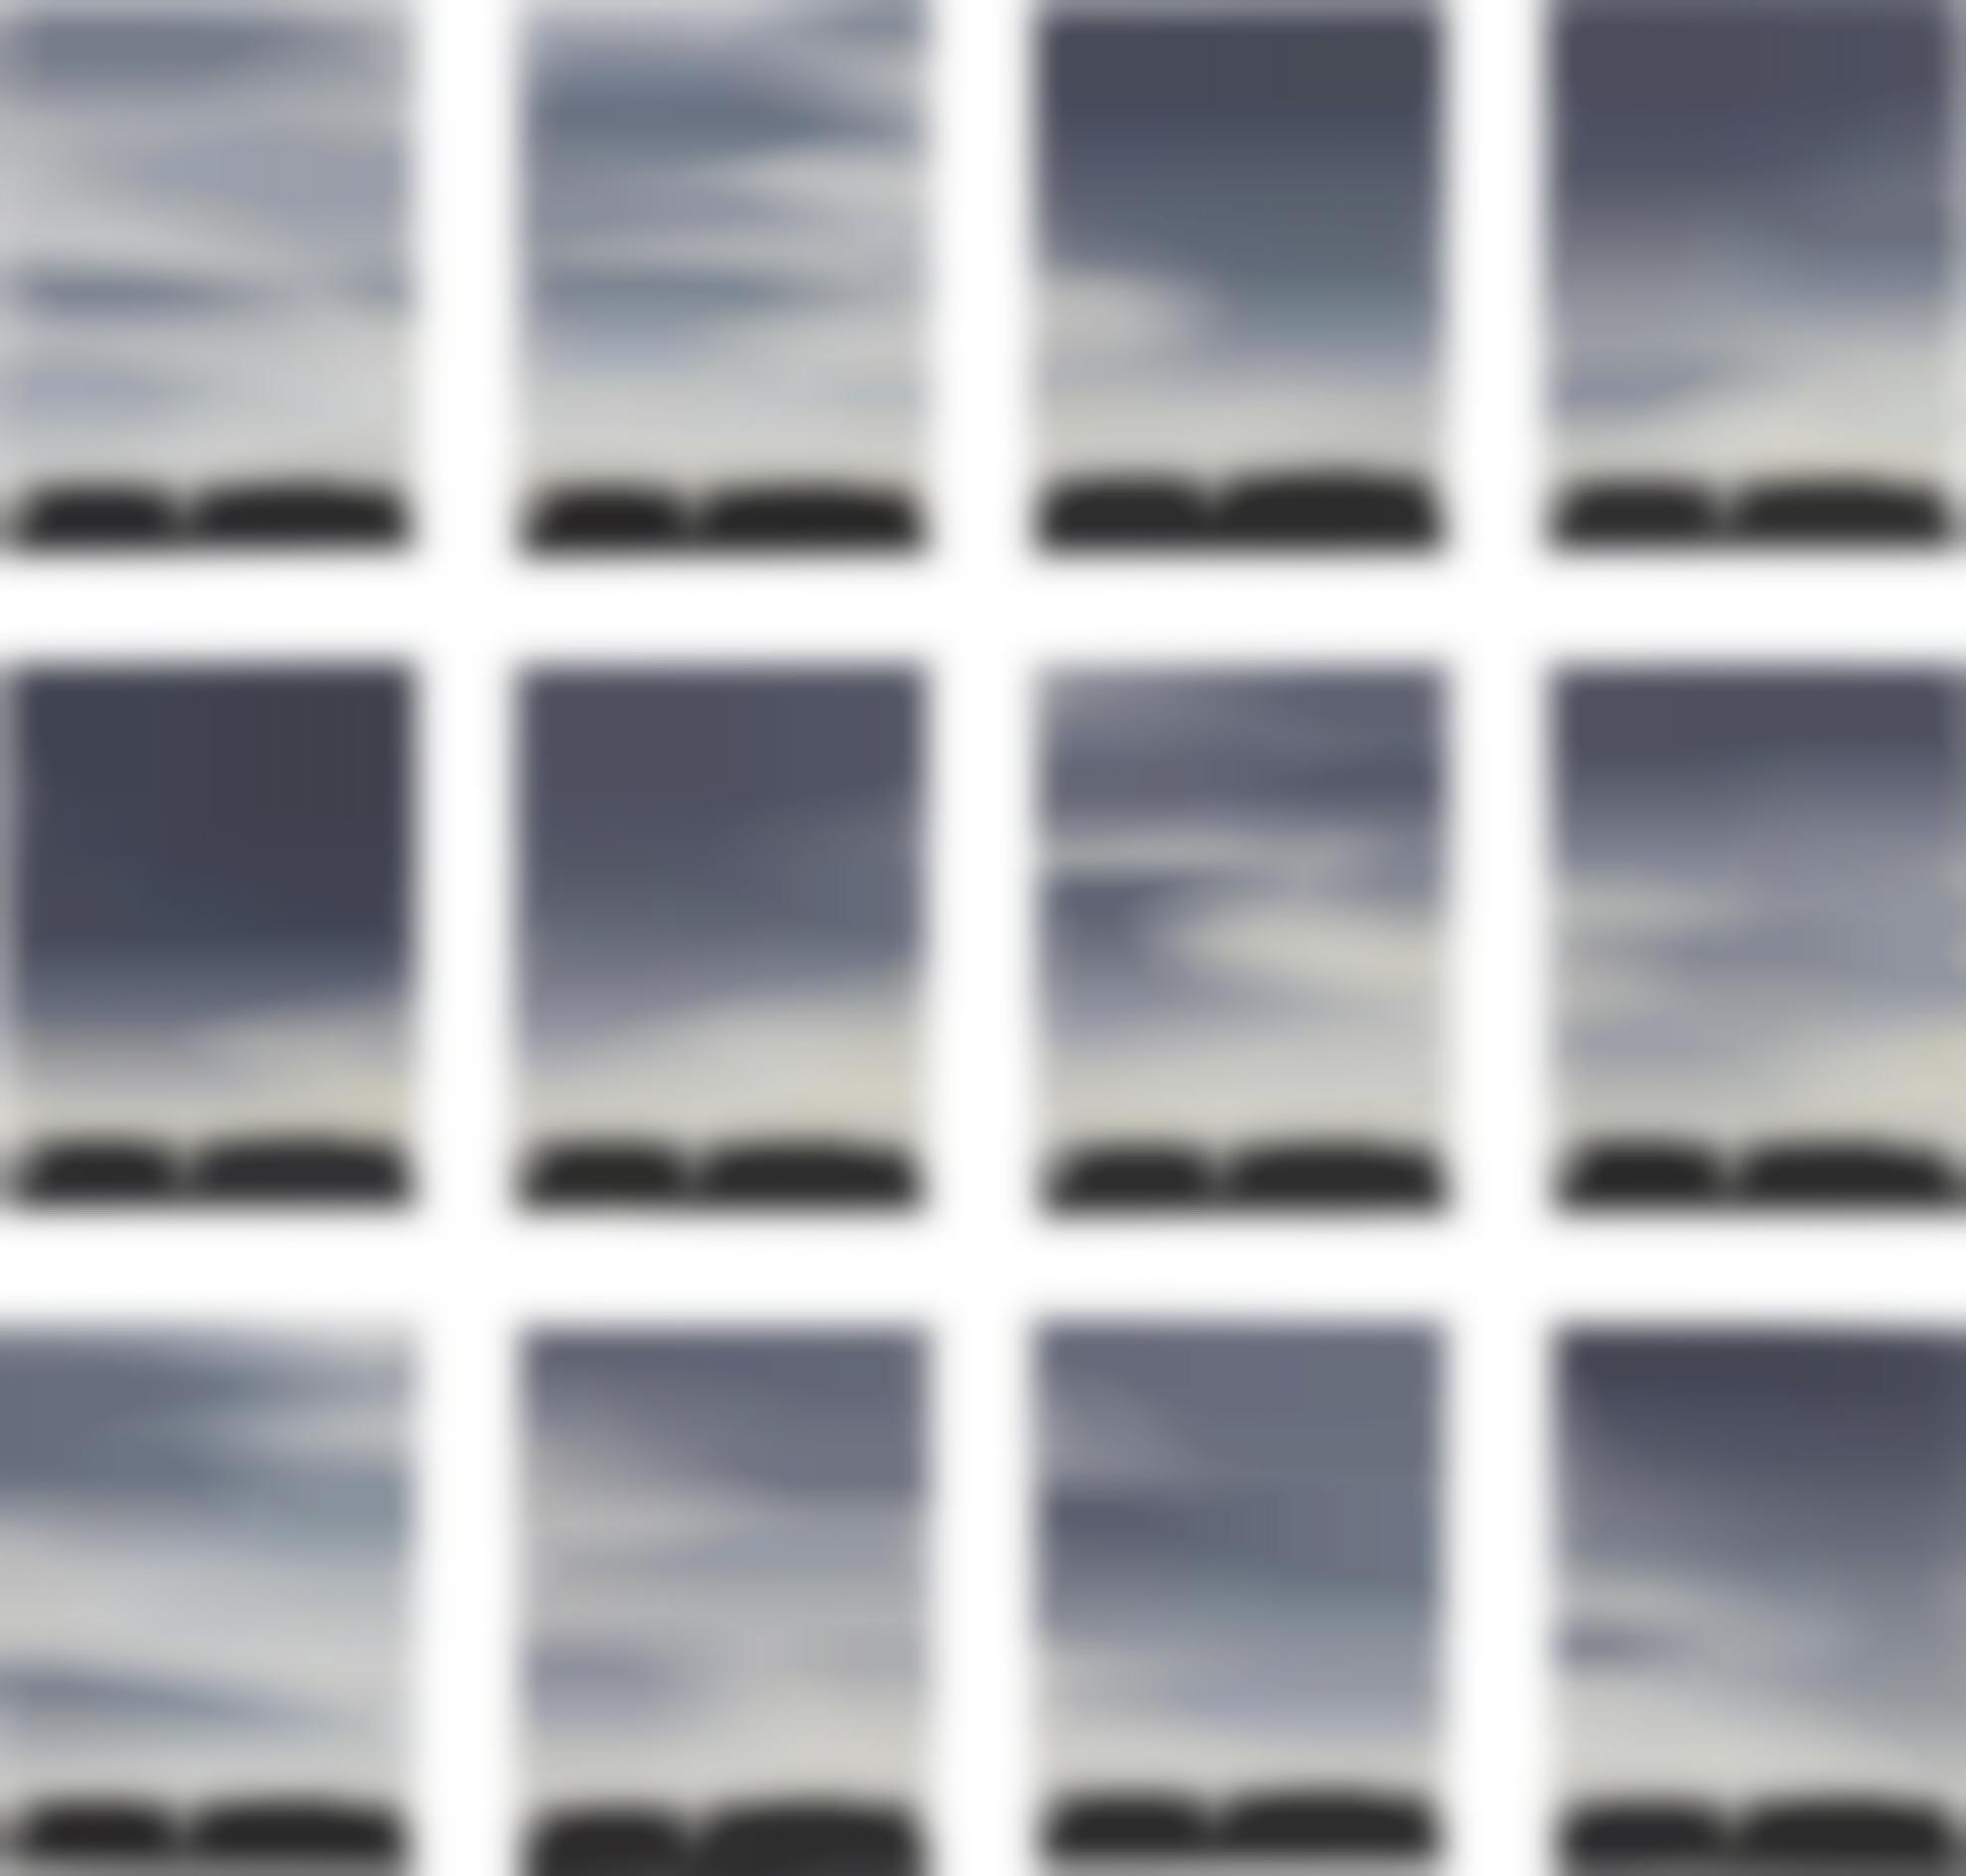 Rafal Bujnowski-Clouds (1-12)-2004